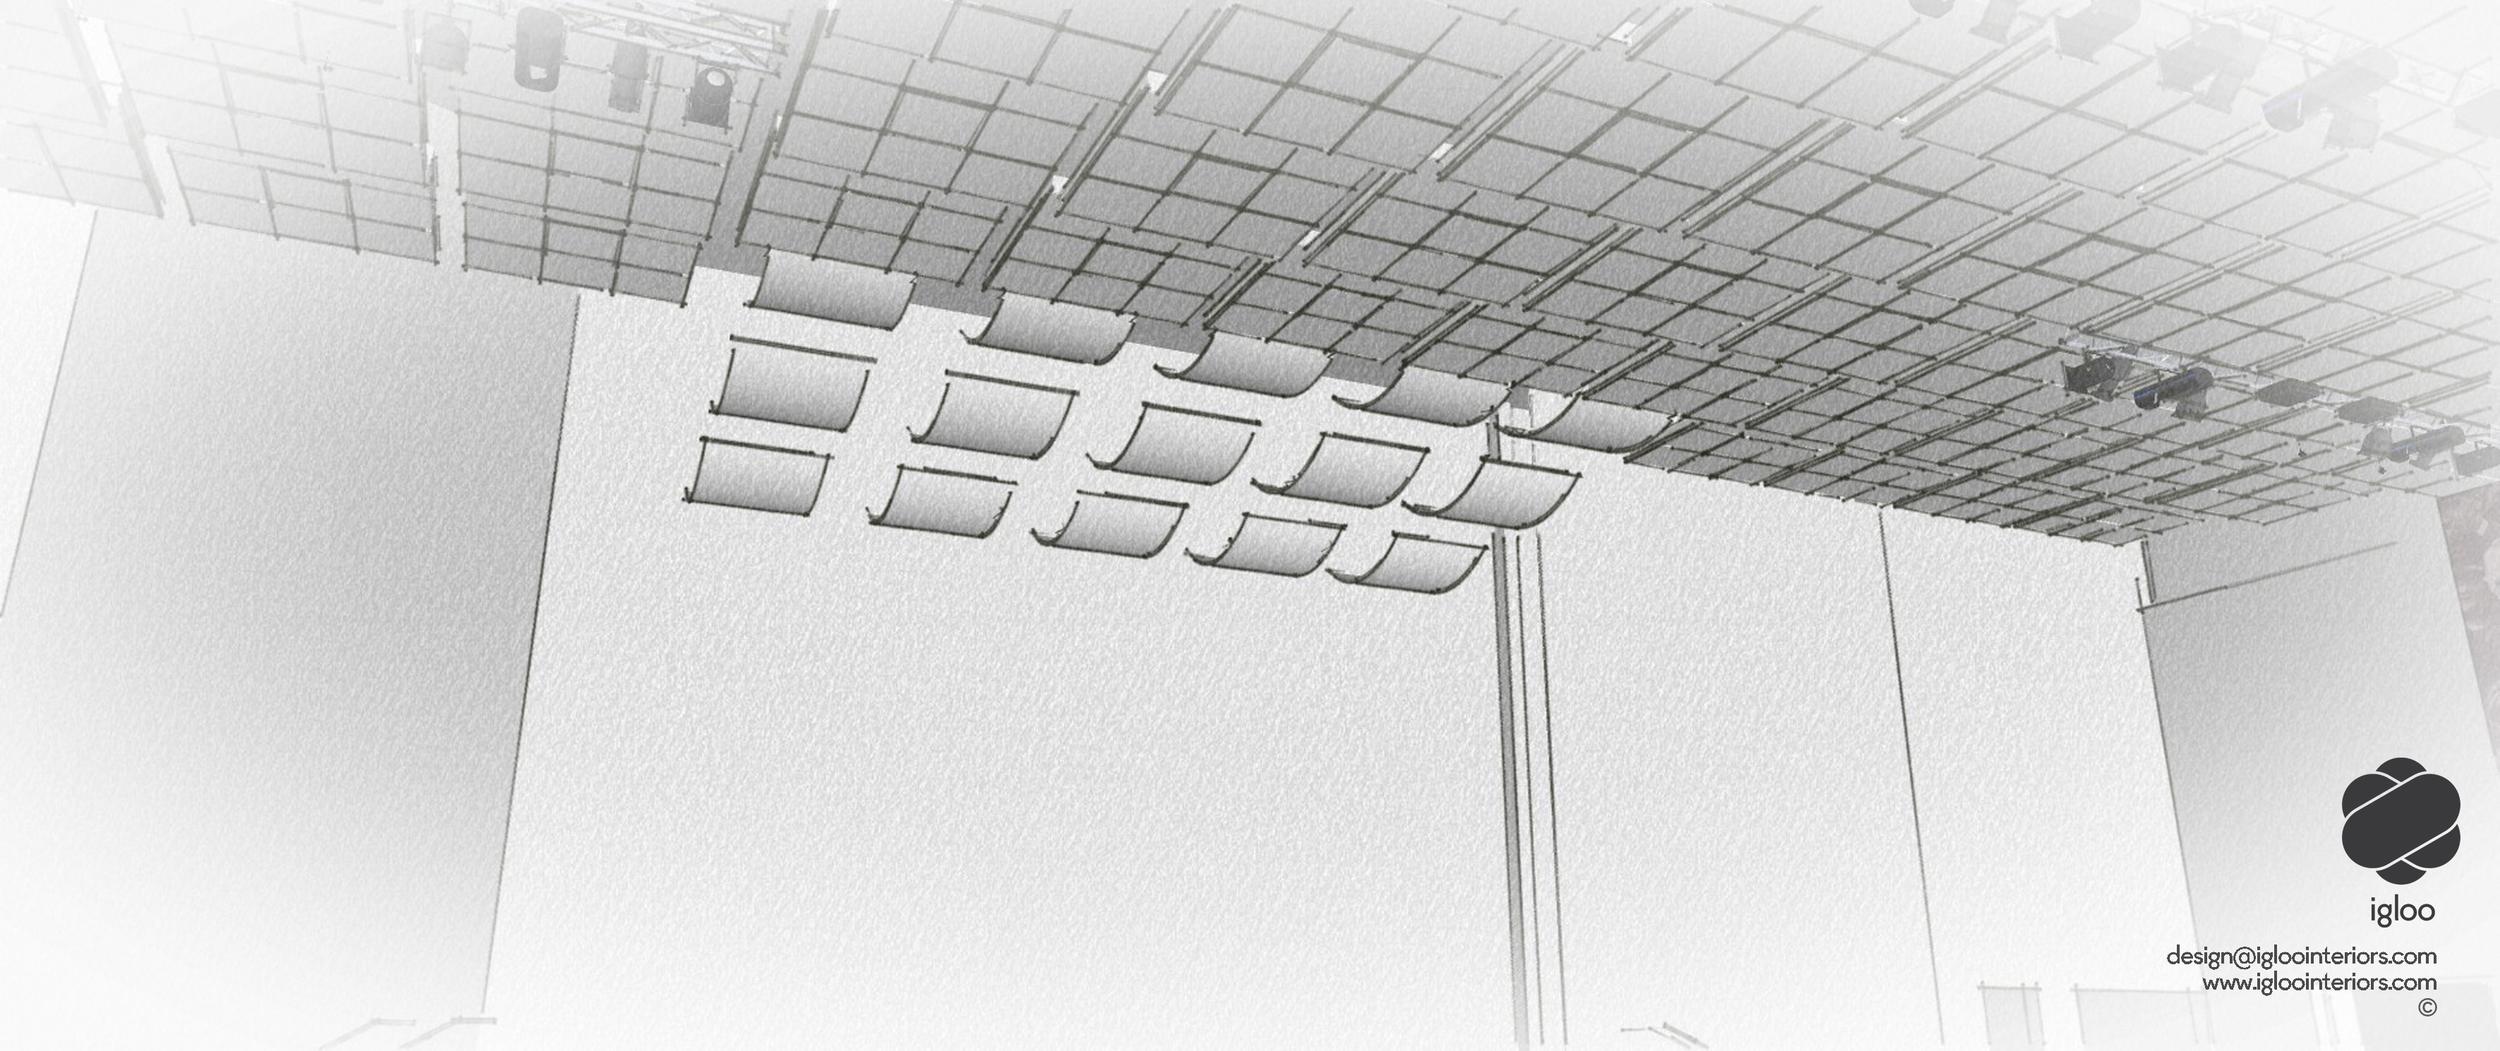 Acoustic sketch proposal - Auditorium